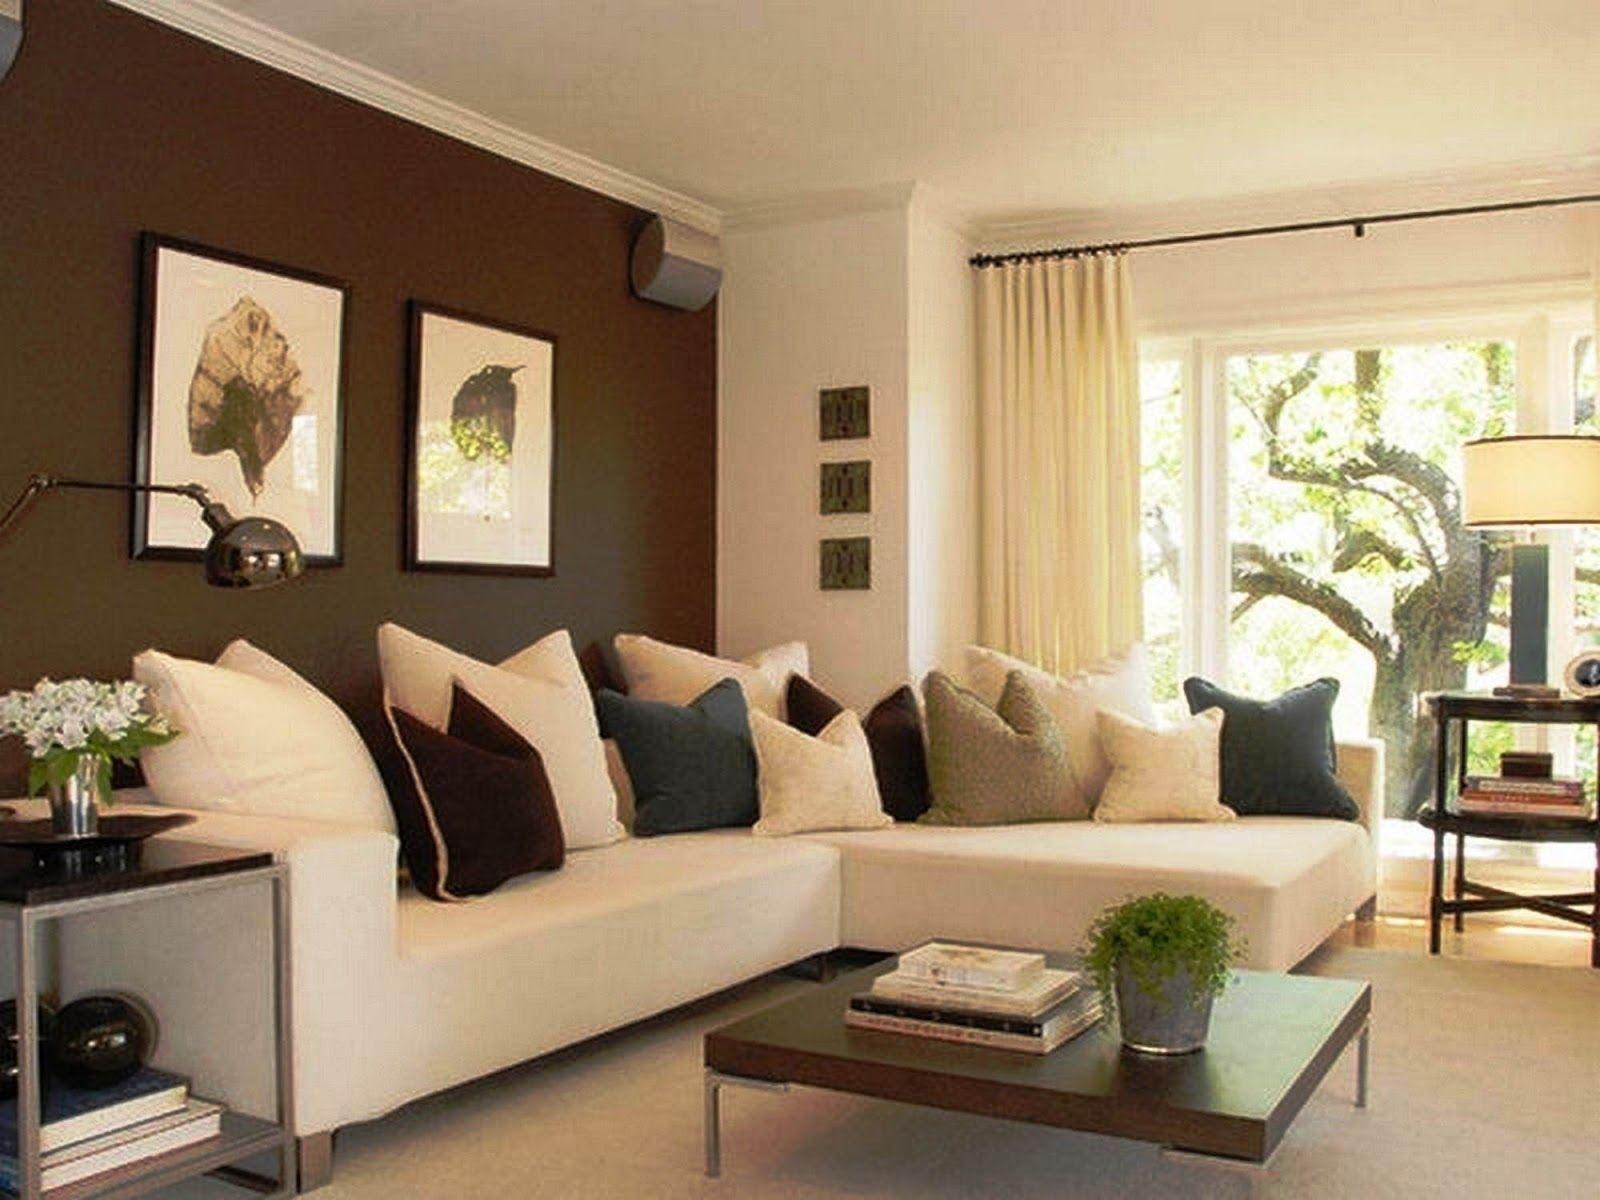 Desain Warna Cat Ruang Tamu Yang Sejuk Accent Walls In Living Room Brown Walls Living Room Living Room White